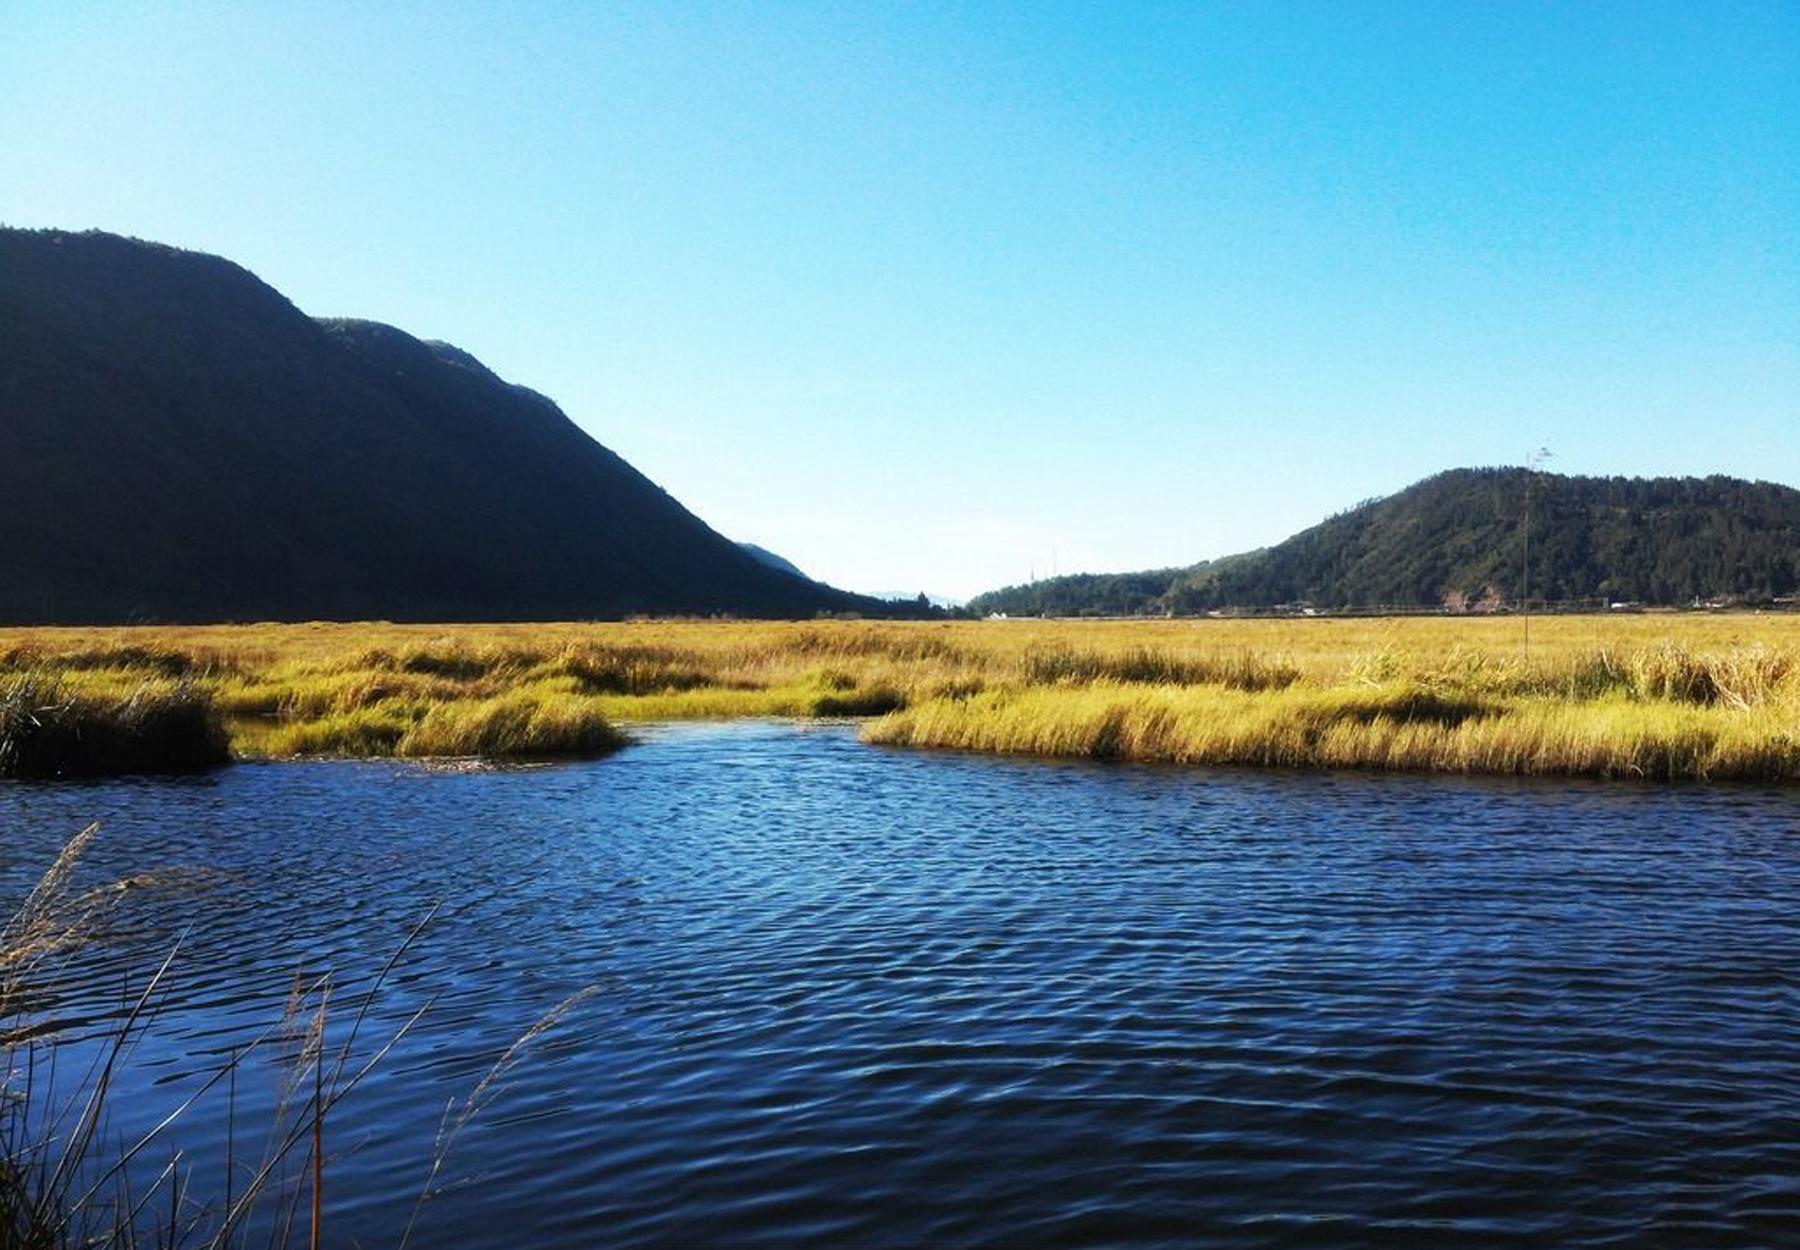 """北海湿地保护区四面环山,大片漂浮于水面的陆地犹如五彩缤纷的巨型花毯,绚丽而又神奇。每年的4月中旬至5月,是北海兰花绽放的时节,也是北海最美的季节,空气里飘着草叶的清香,芦苇丛中不时传来嘎嘎的野鸭叫,湖面上不时有游人初踩草排的惊喜叫声。泛舟湖面,宛若置身在大草原,只不过这片""""大草原""""是漂浮在水上的。"""